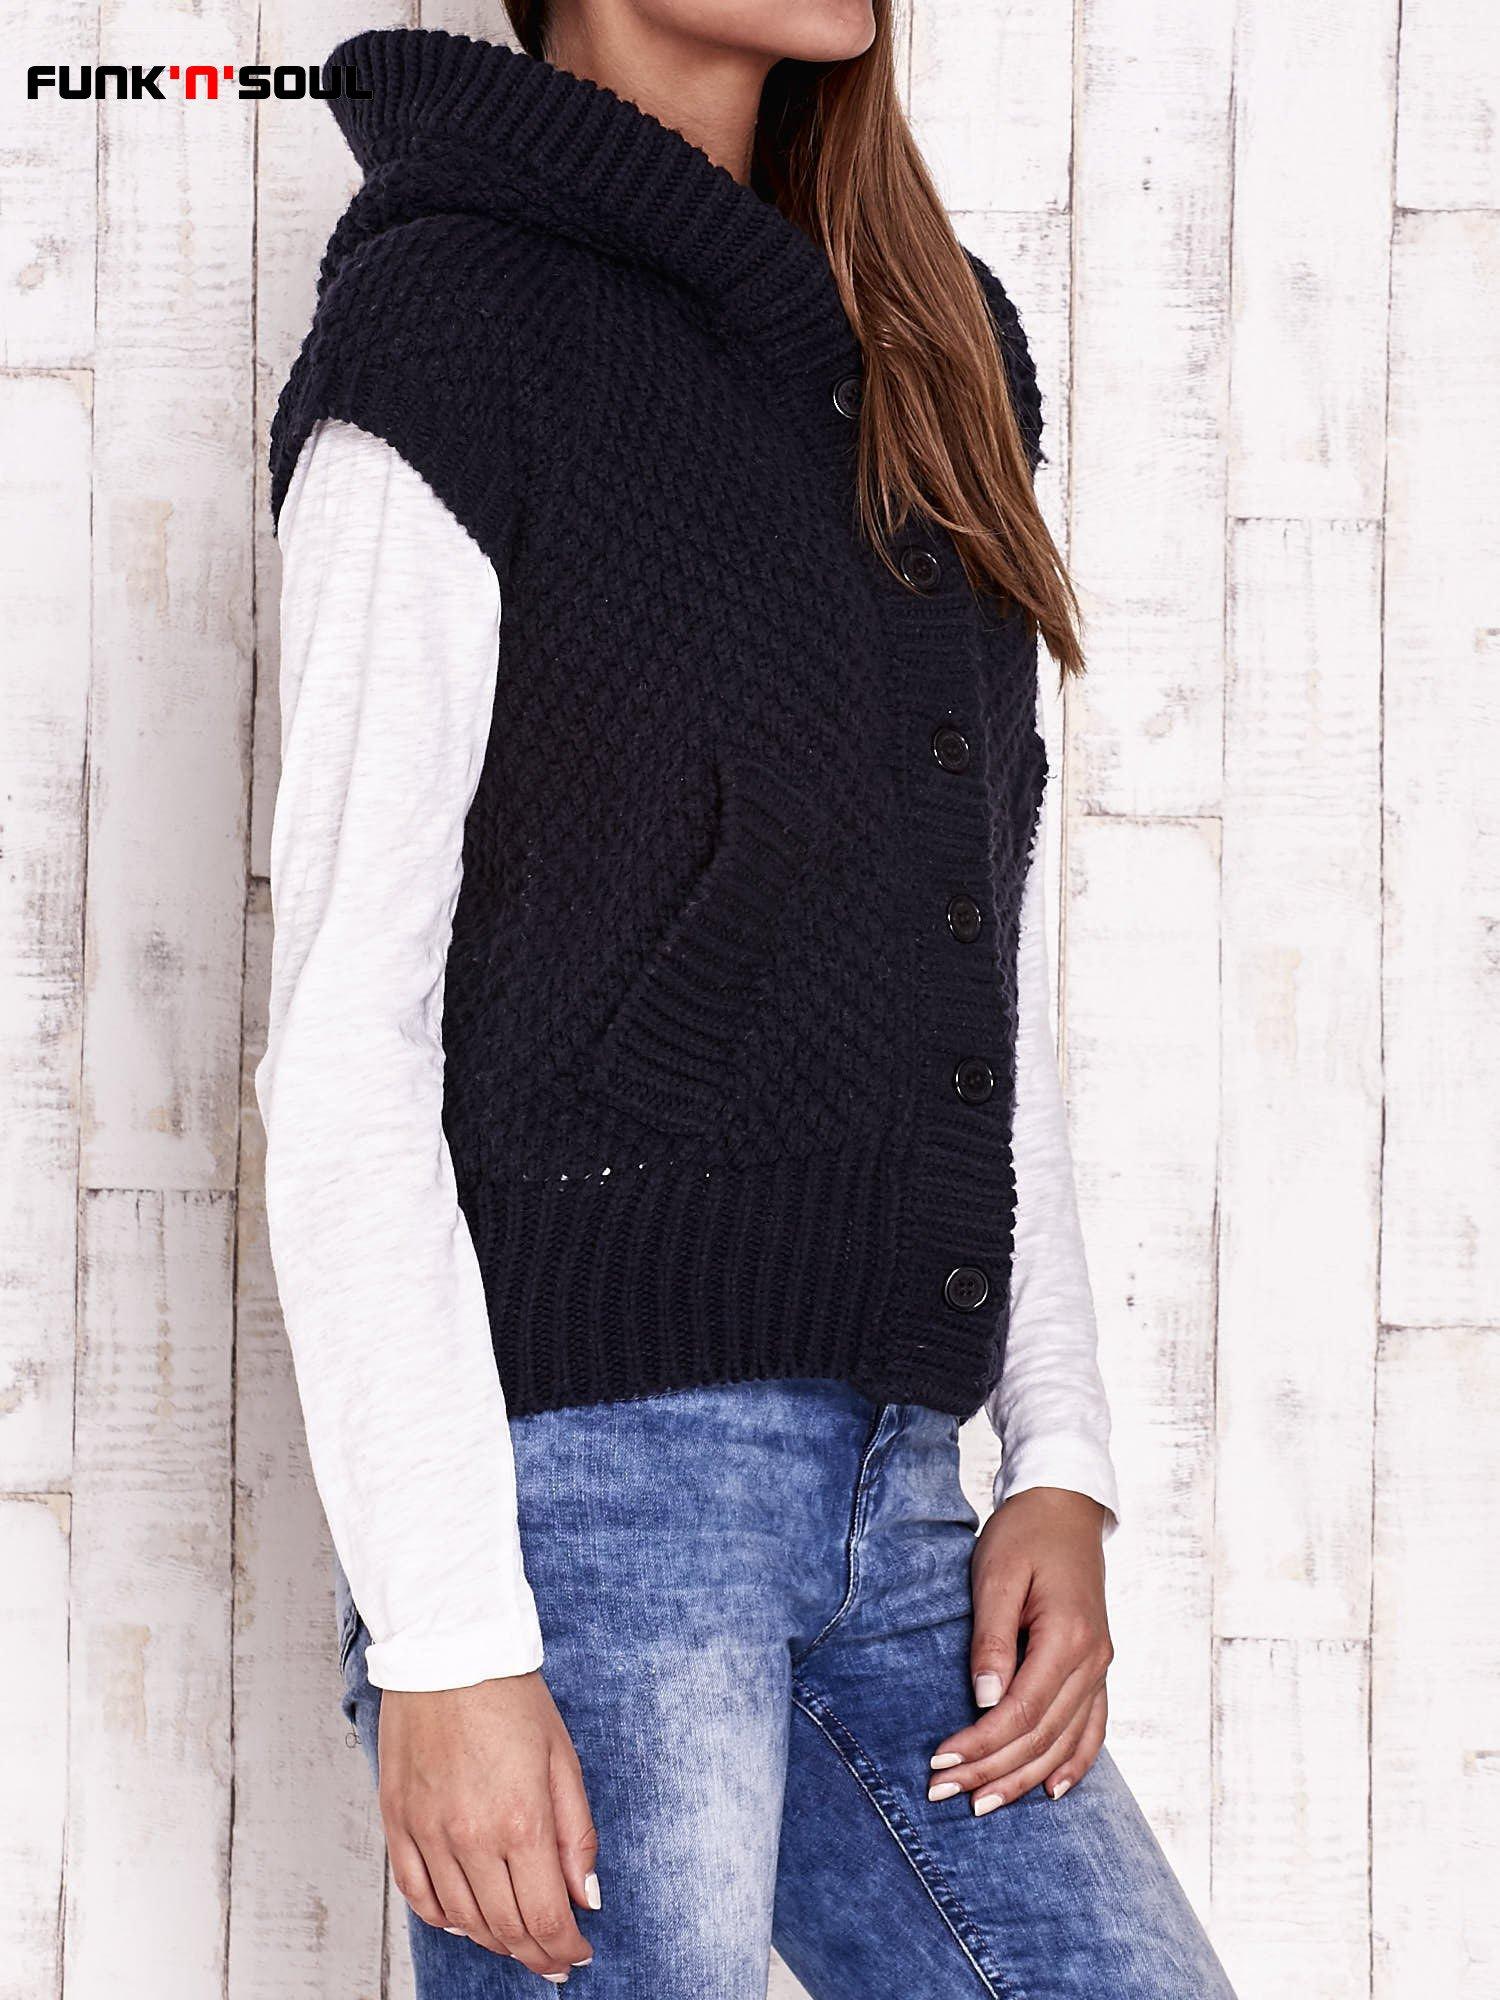 Granatowy sweter z futrzanym kapturem FUNK N SOUL                                  zdj.                                  3